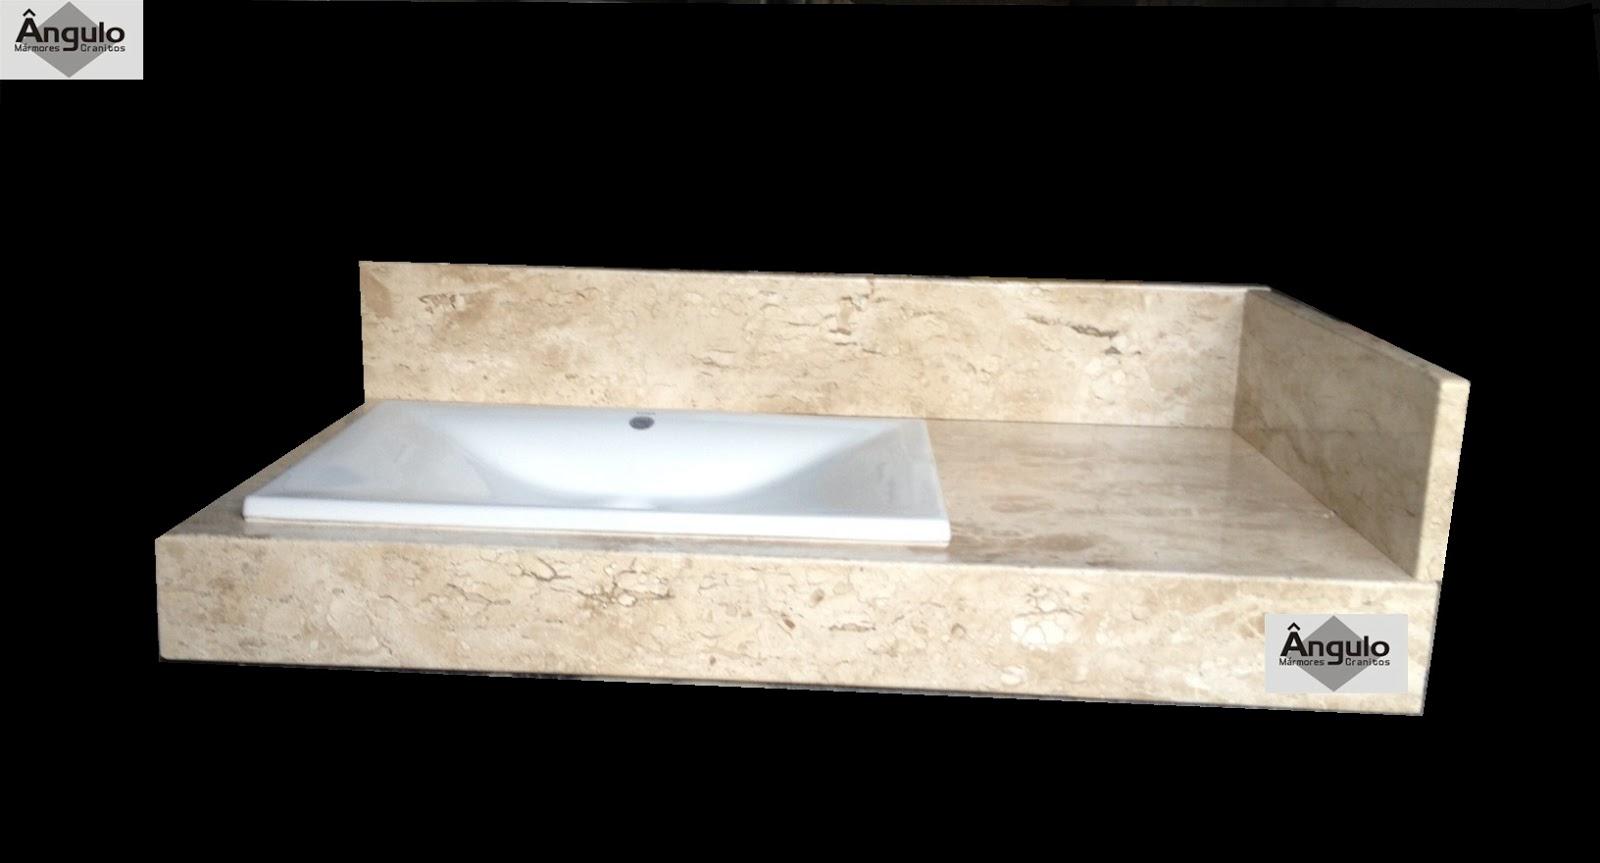 Pin Pia Lavatorio Soleira Pedra Lareira Granito Marmore E on Pinterest #836F48 1600x863 Bancada Banheiro Astra